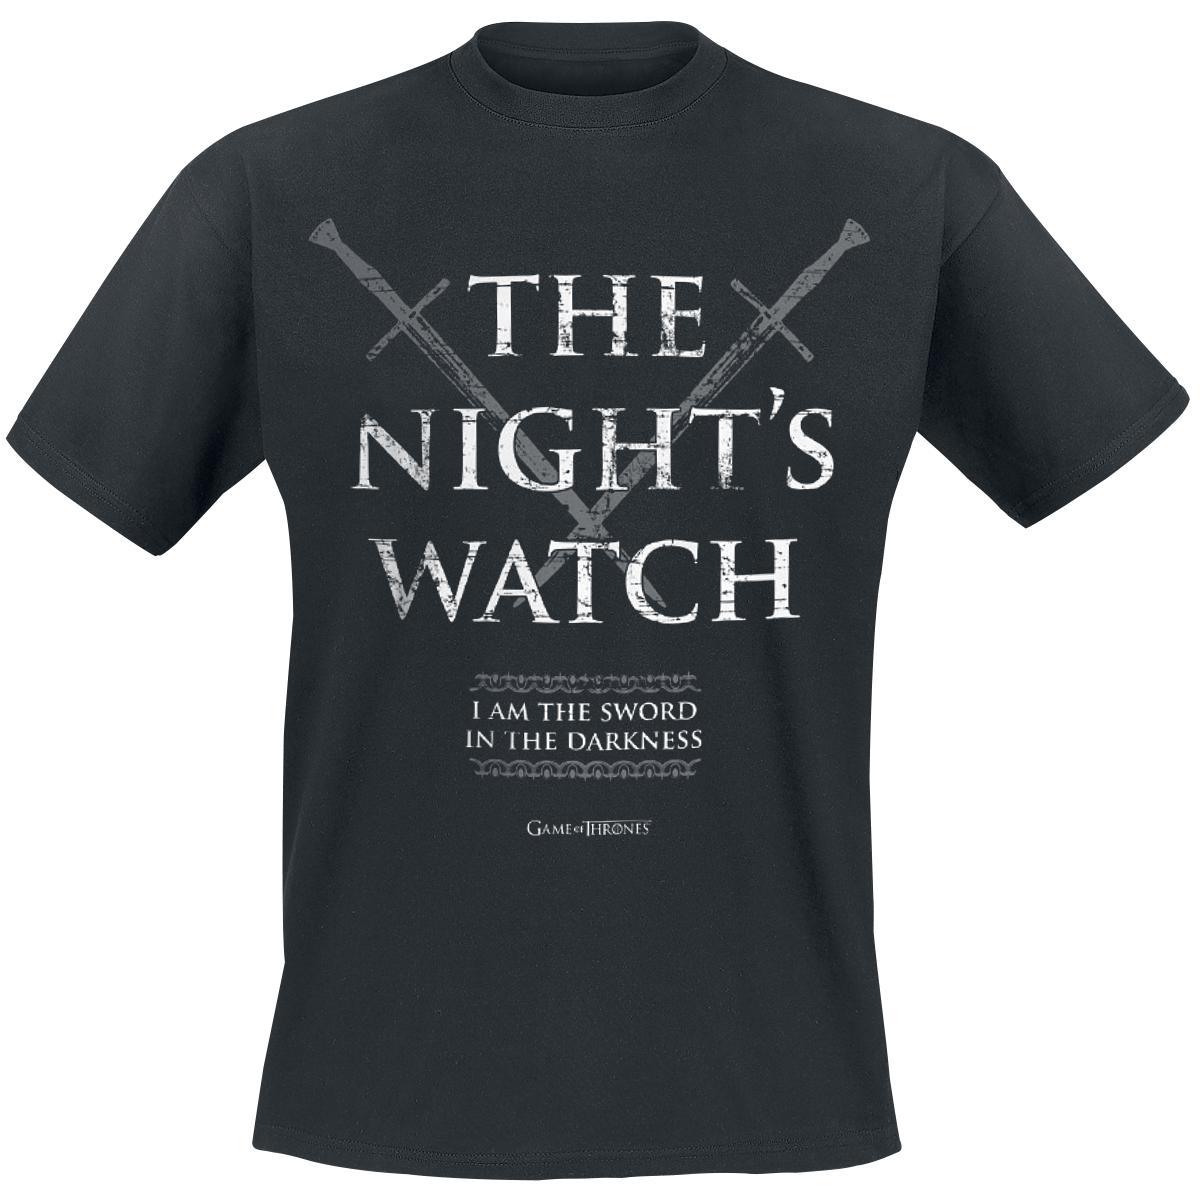 the-nights-watch-tee